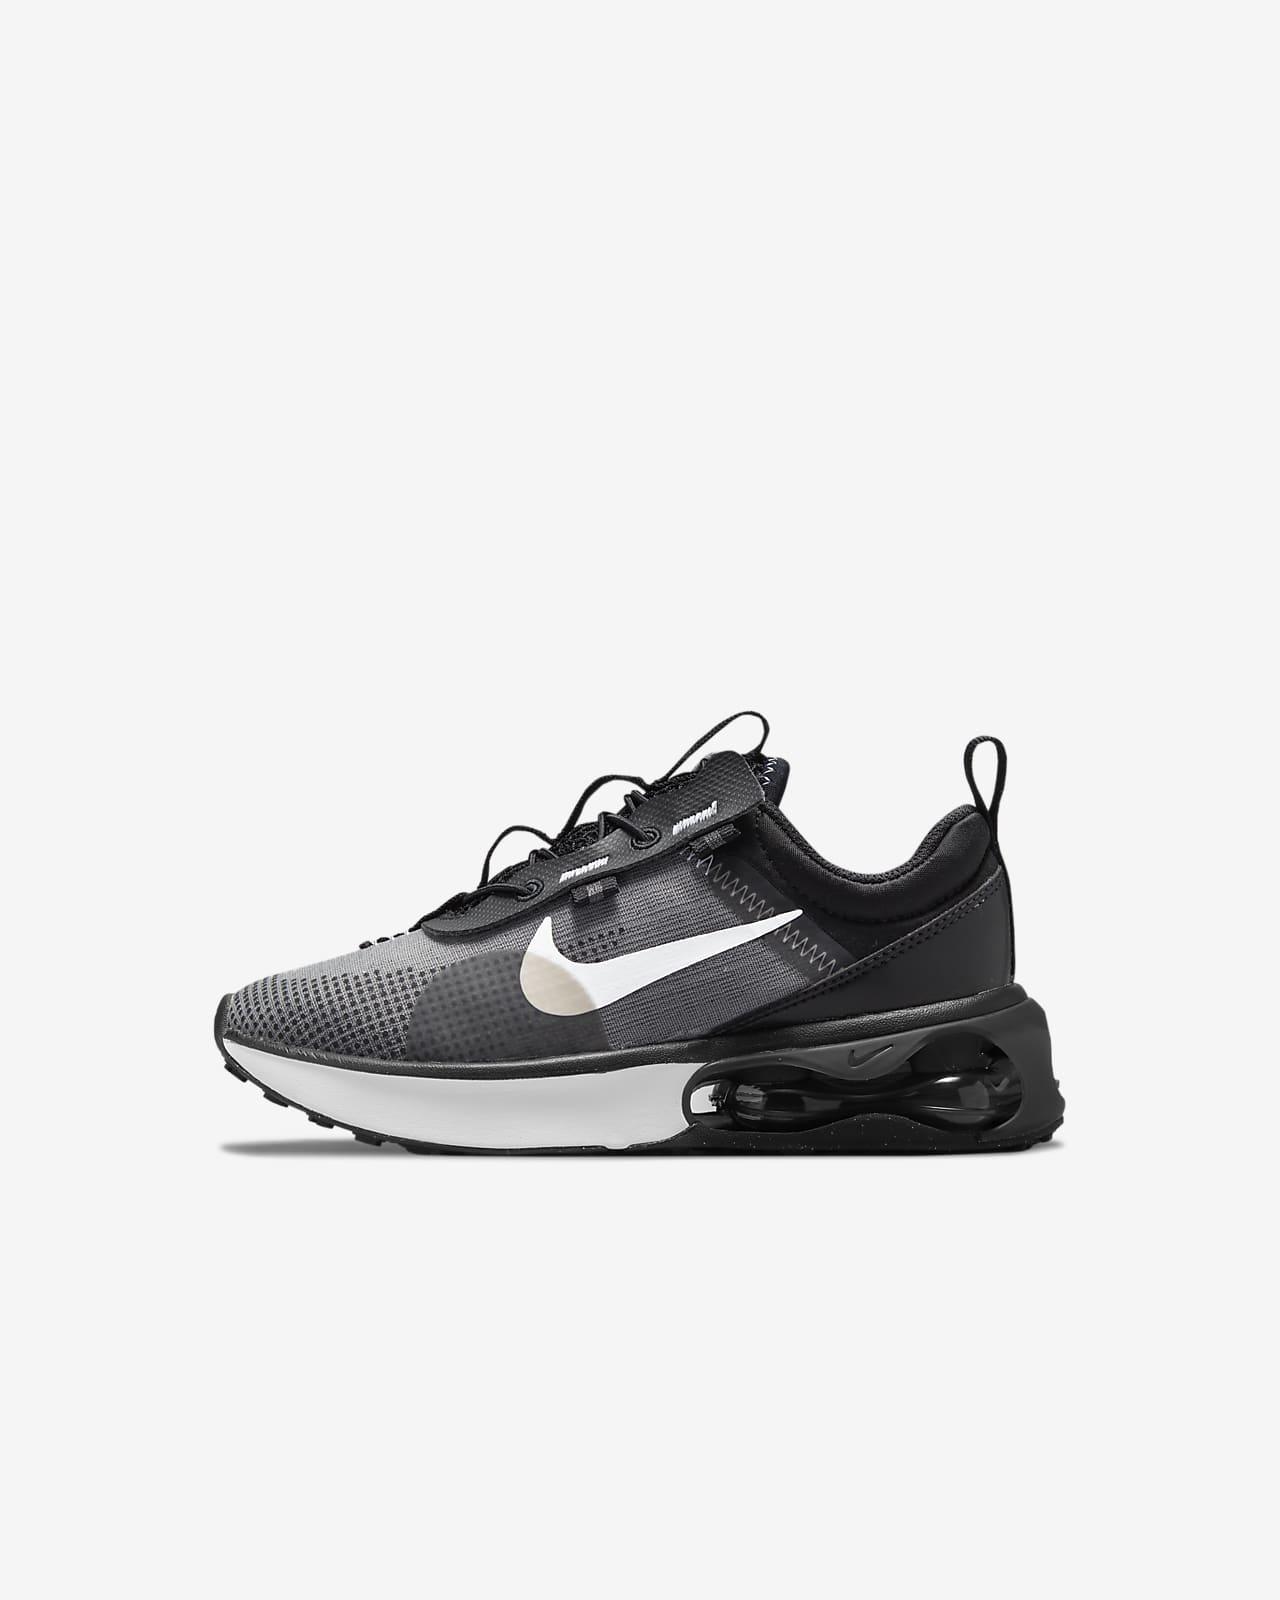 Παπούτσια Nike Air Max 2021 για μικρά παιδιά